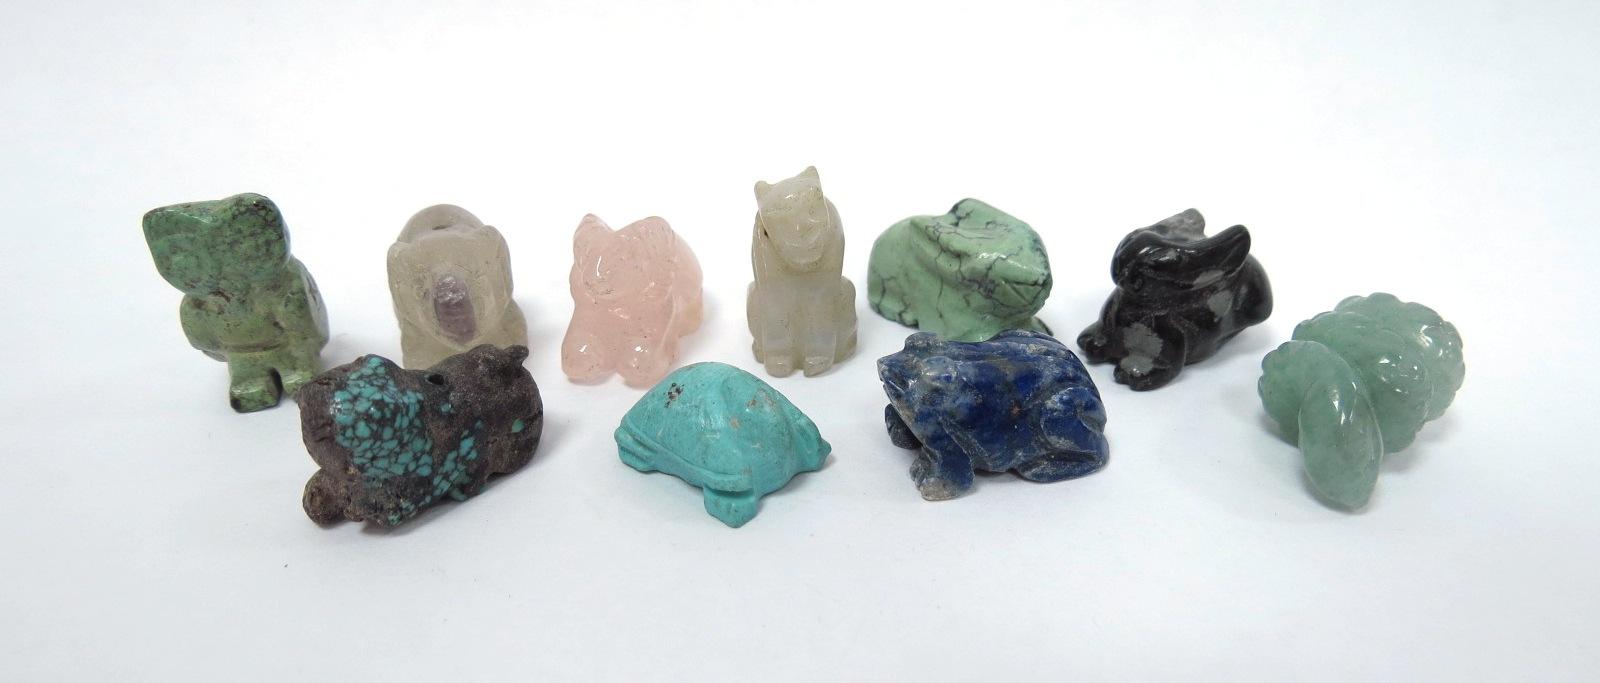 עשר עבודות גילוף מאבני חן שונות מיניאטורות של בעלי חיים